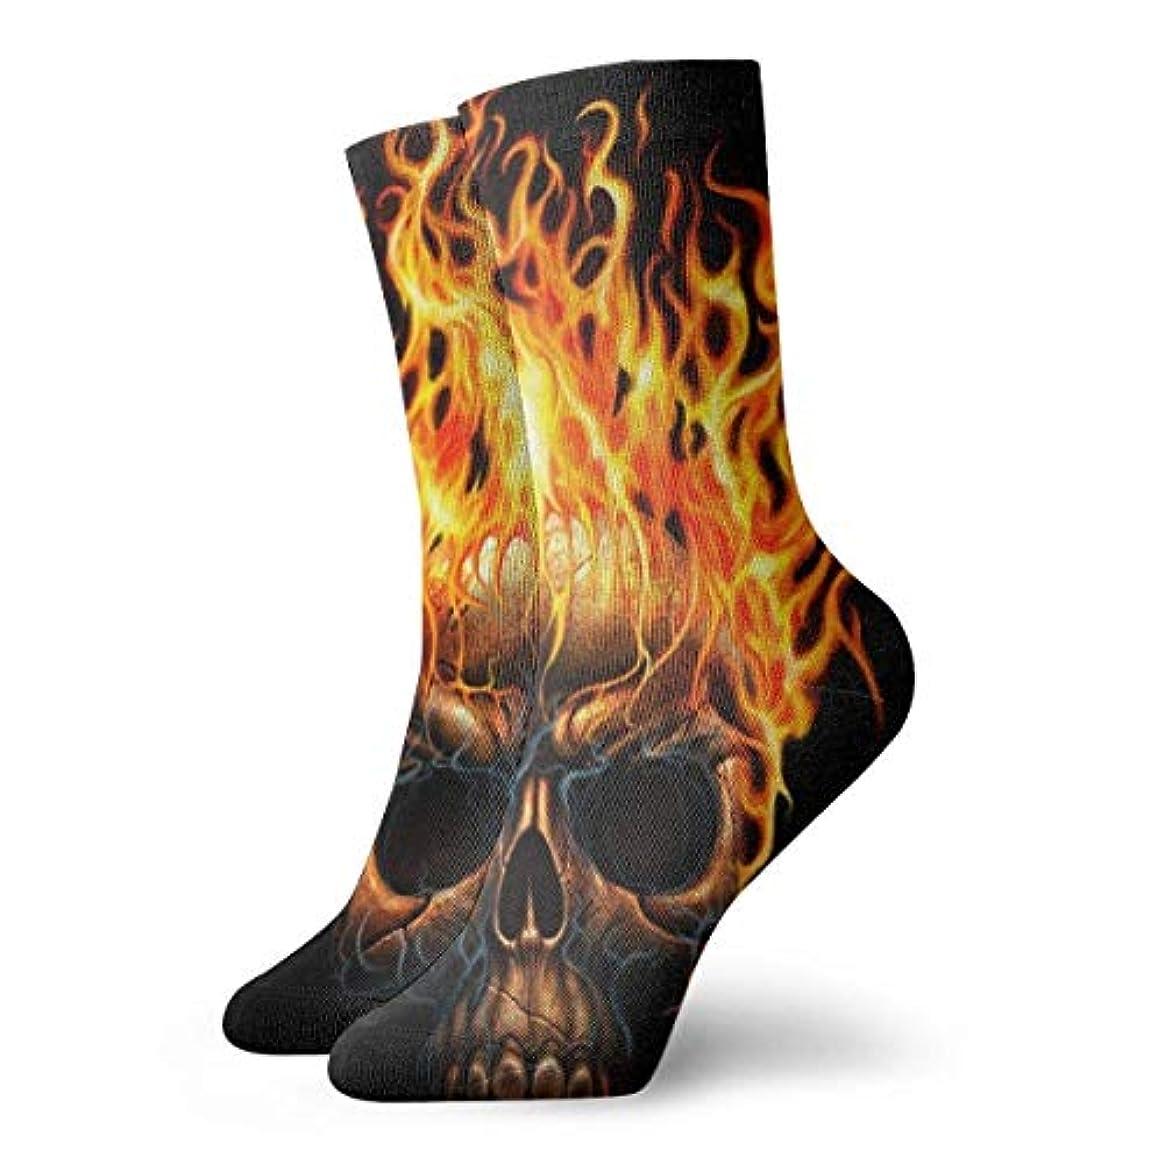 暖かく対処速度Qrriy女性のスカル火炎火災ソフトクリスマス膝高ストッキング靴下、クリスマス楽しいカラフルな靴下ソックス